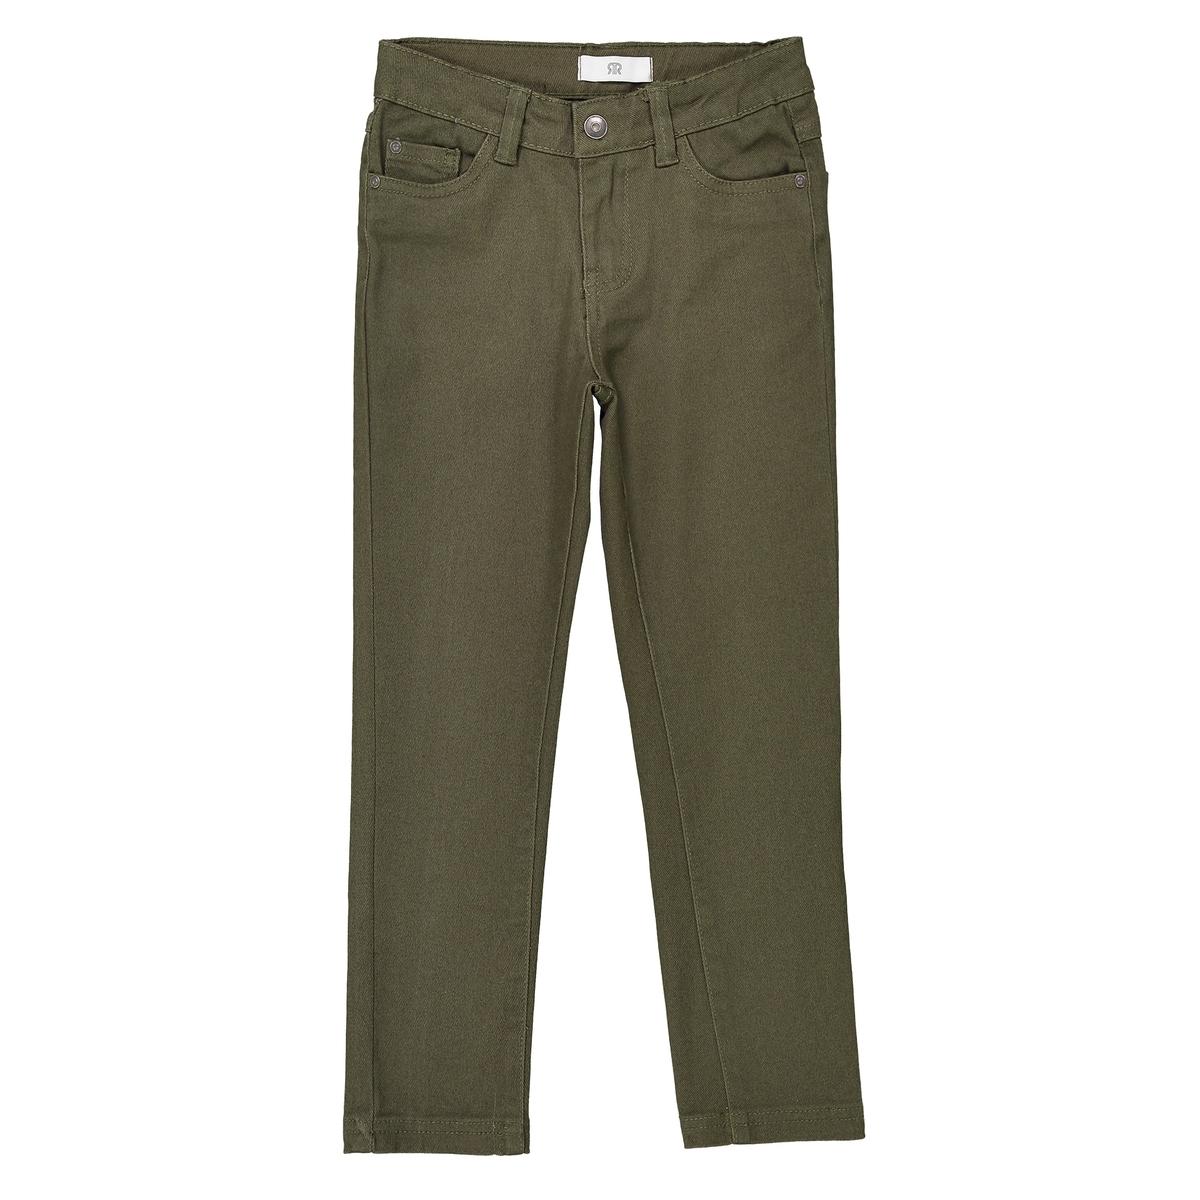 Узкие брюки, 3-12 летОписание:Детали •  Узкие, дудочки •  Стандартная высота пояса •  Регулируемый пояс Состав и уход •  98% хлопка, 2% эластана •  Температура стирки 30°   • Средняя температура глажки / не отбеливать     • Барабанная сушка на умеренном режиме     • Сухая чистка запрещена<br><br>Цвет: зеленый хаки,коричнево-желтый